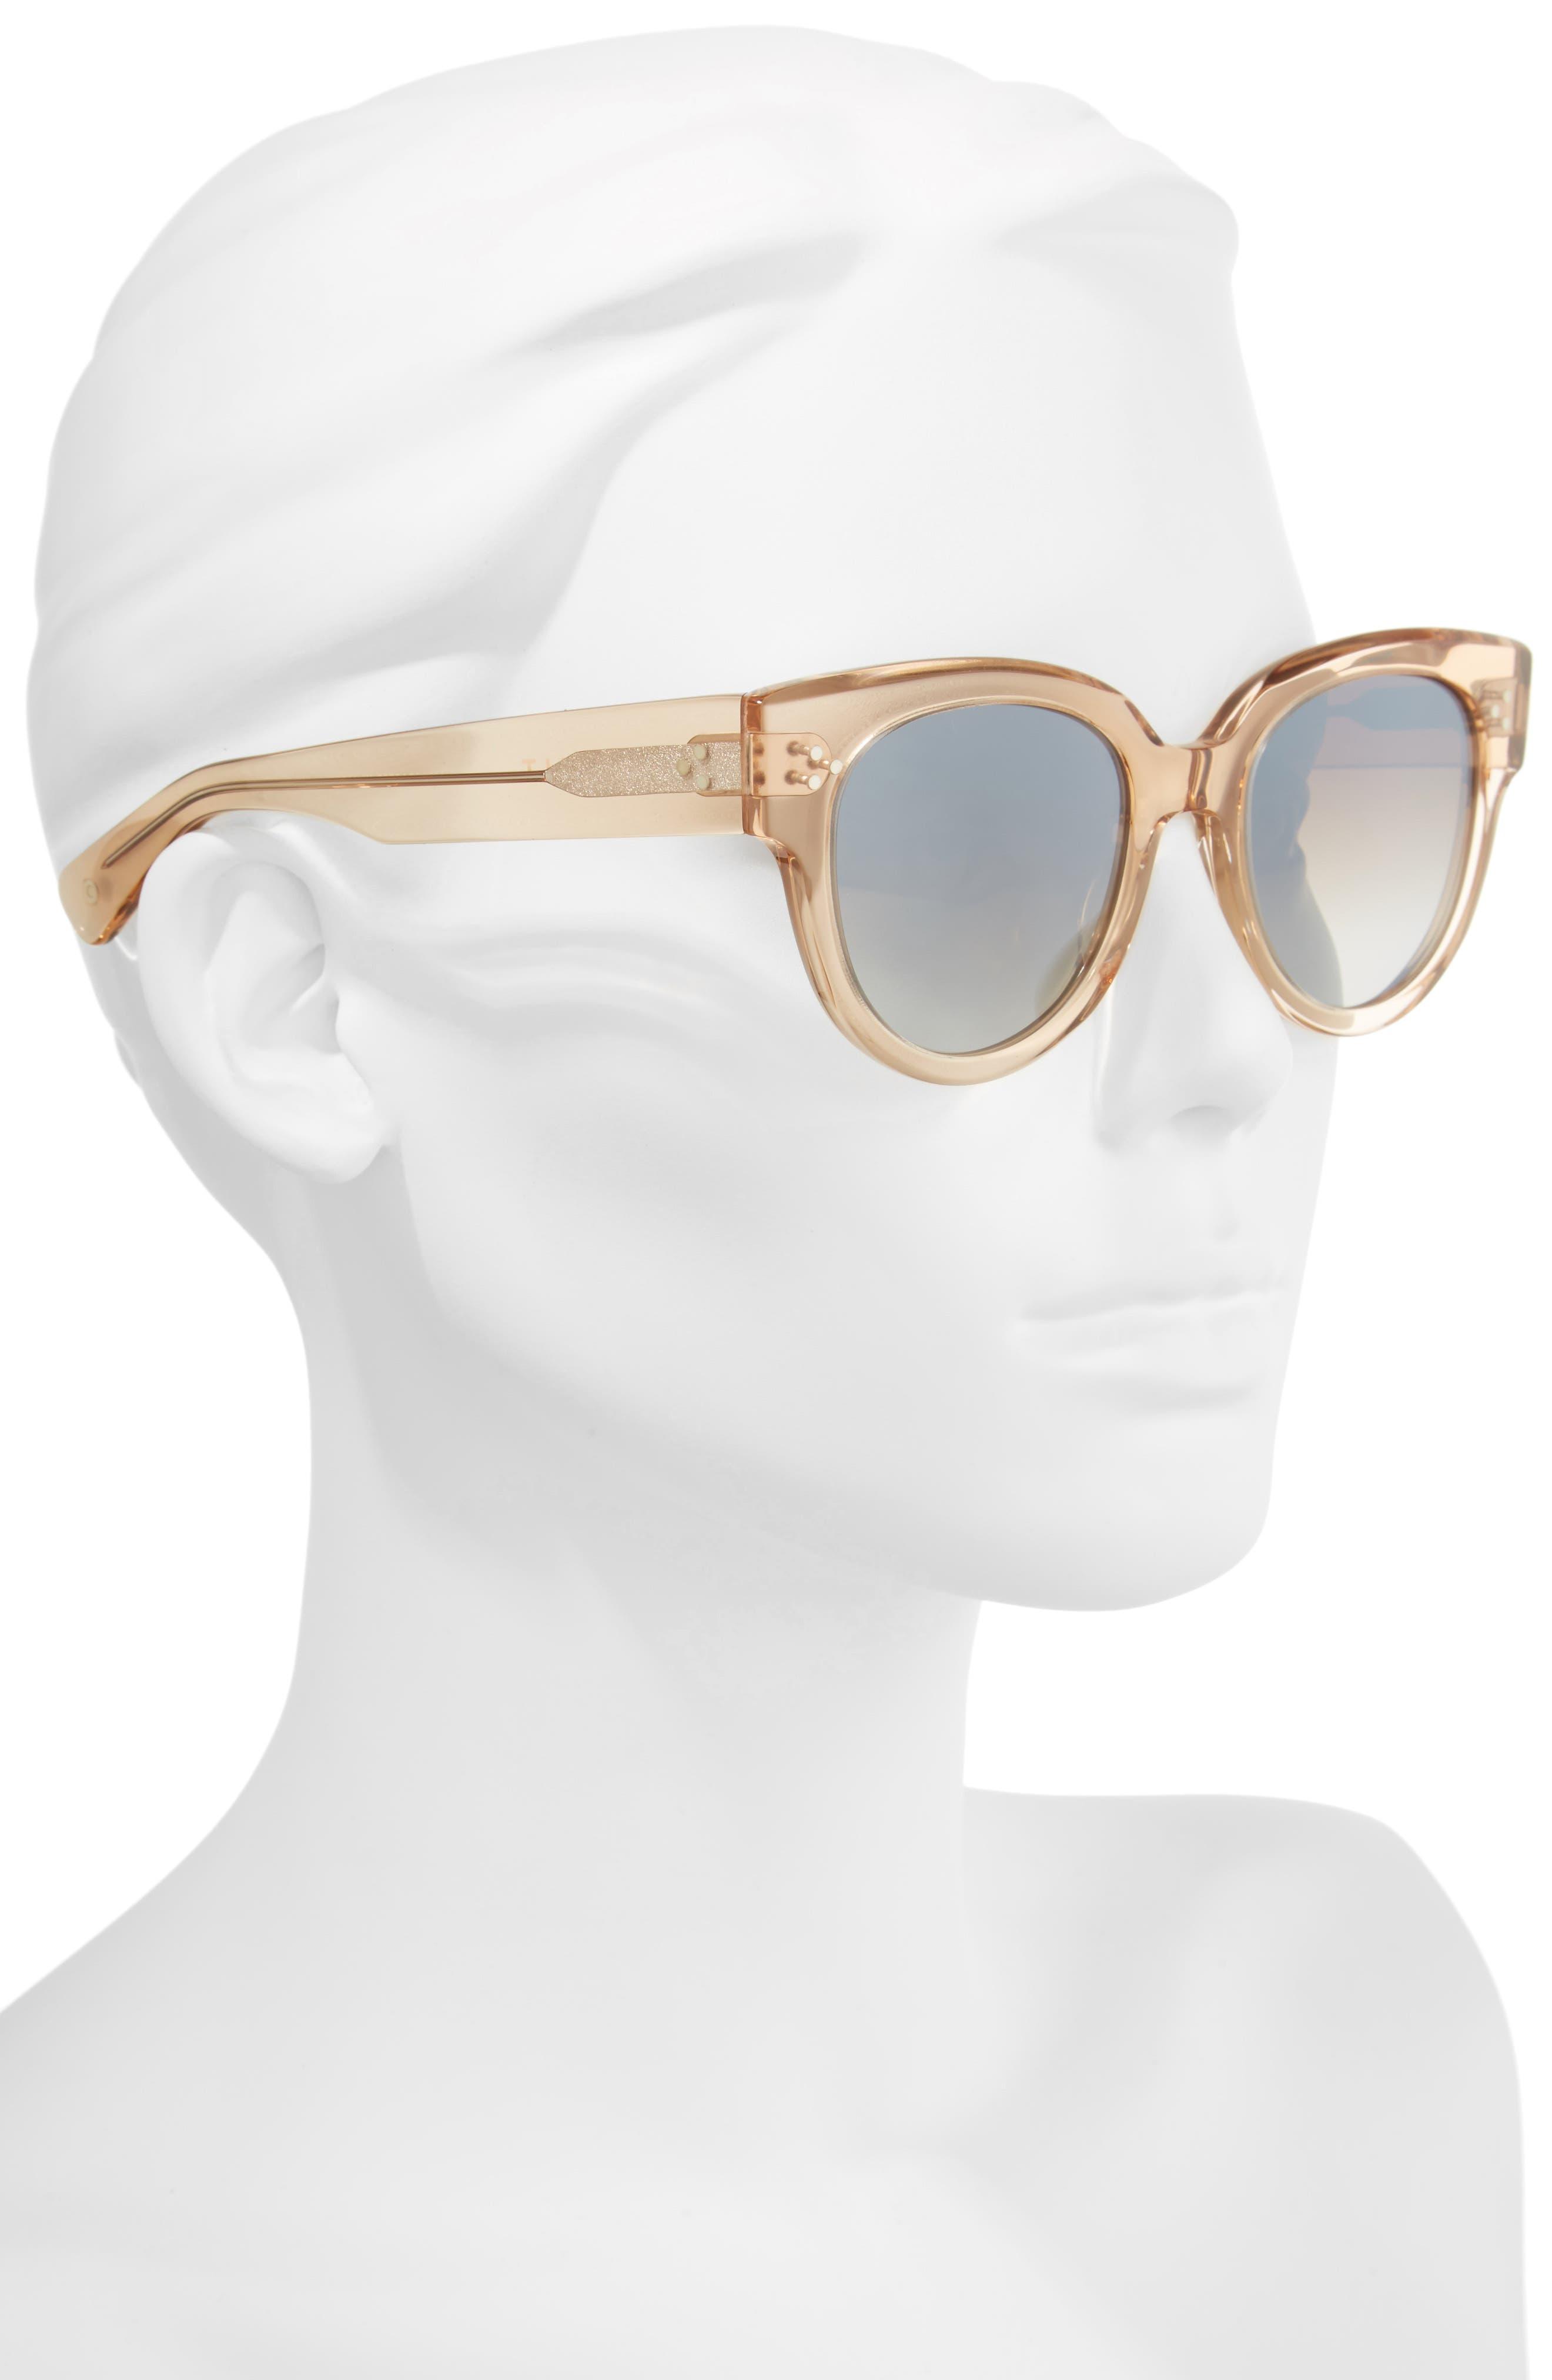 Pettibone 52mm Polarized Sunglasses,                             Alternate thumbnail 8, color,